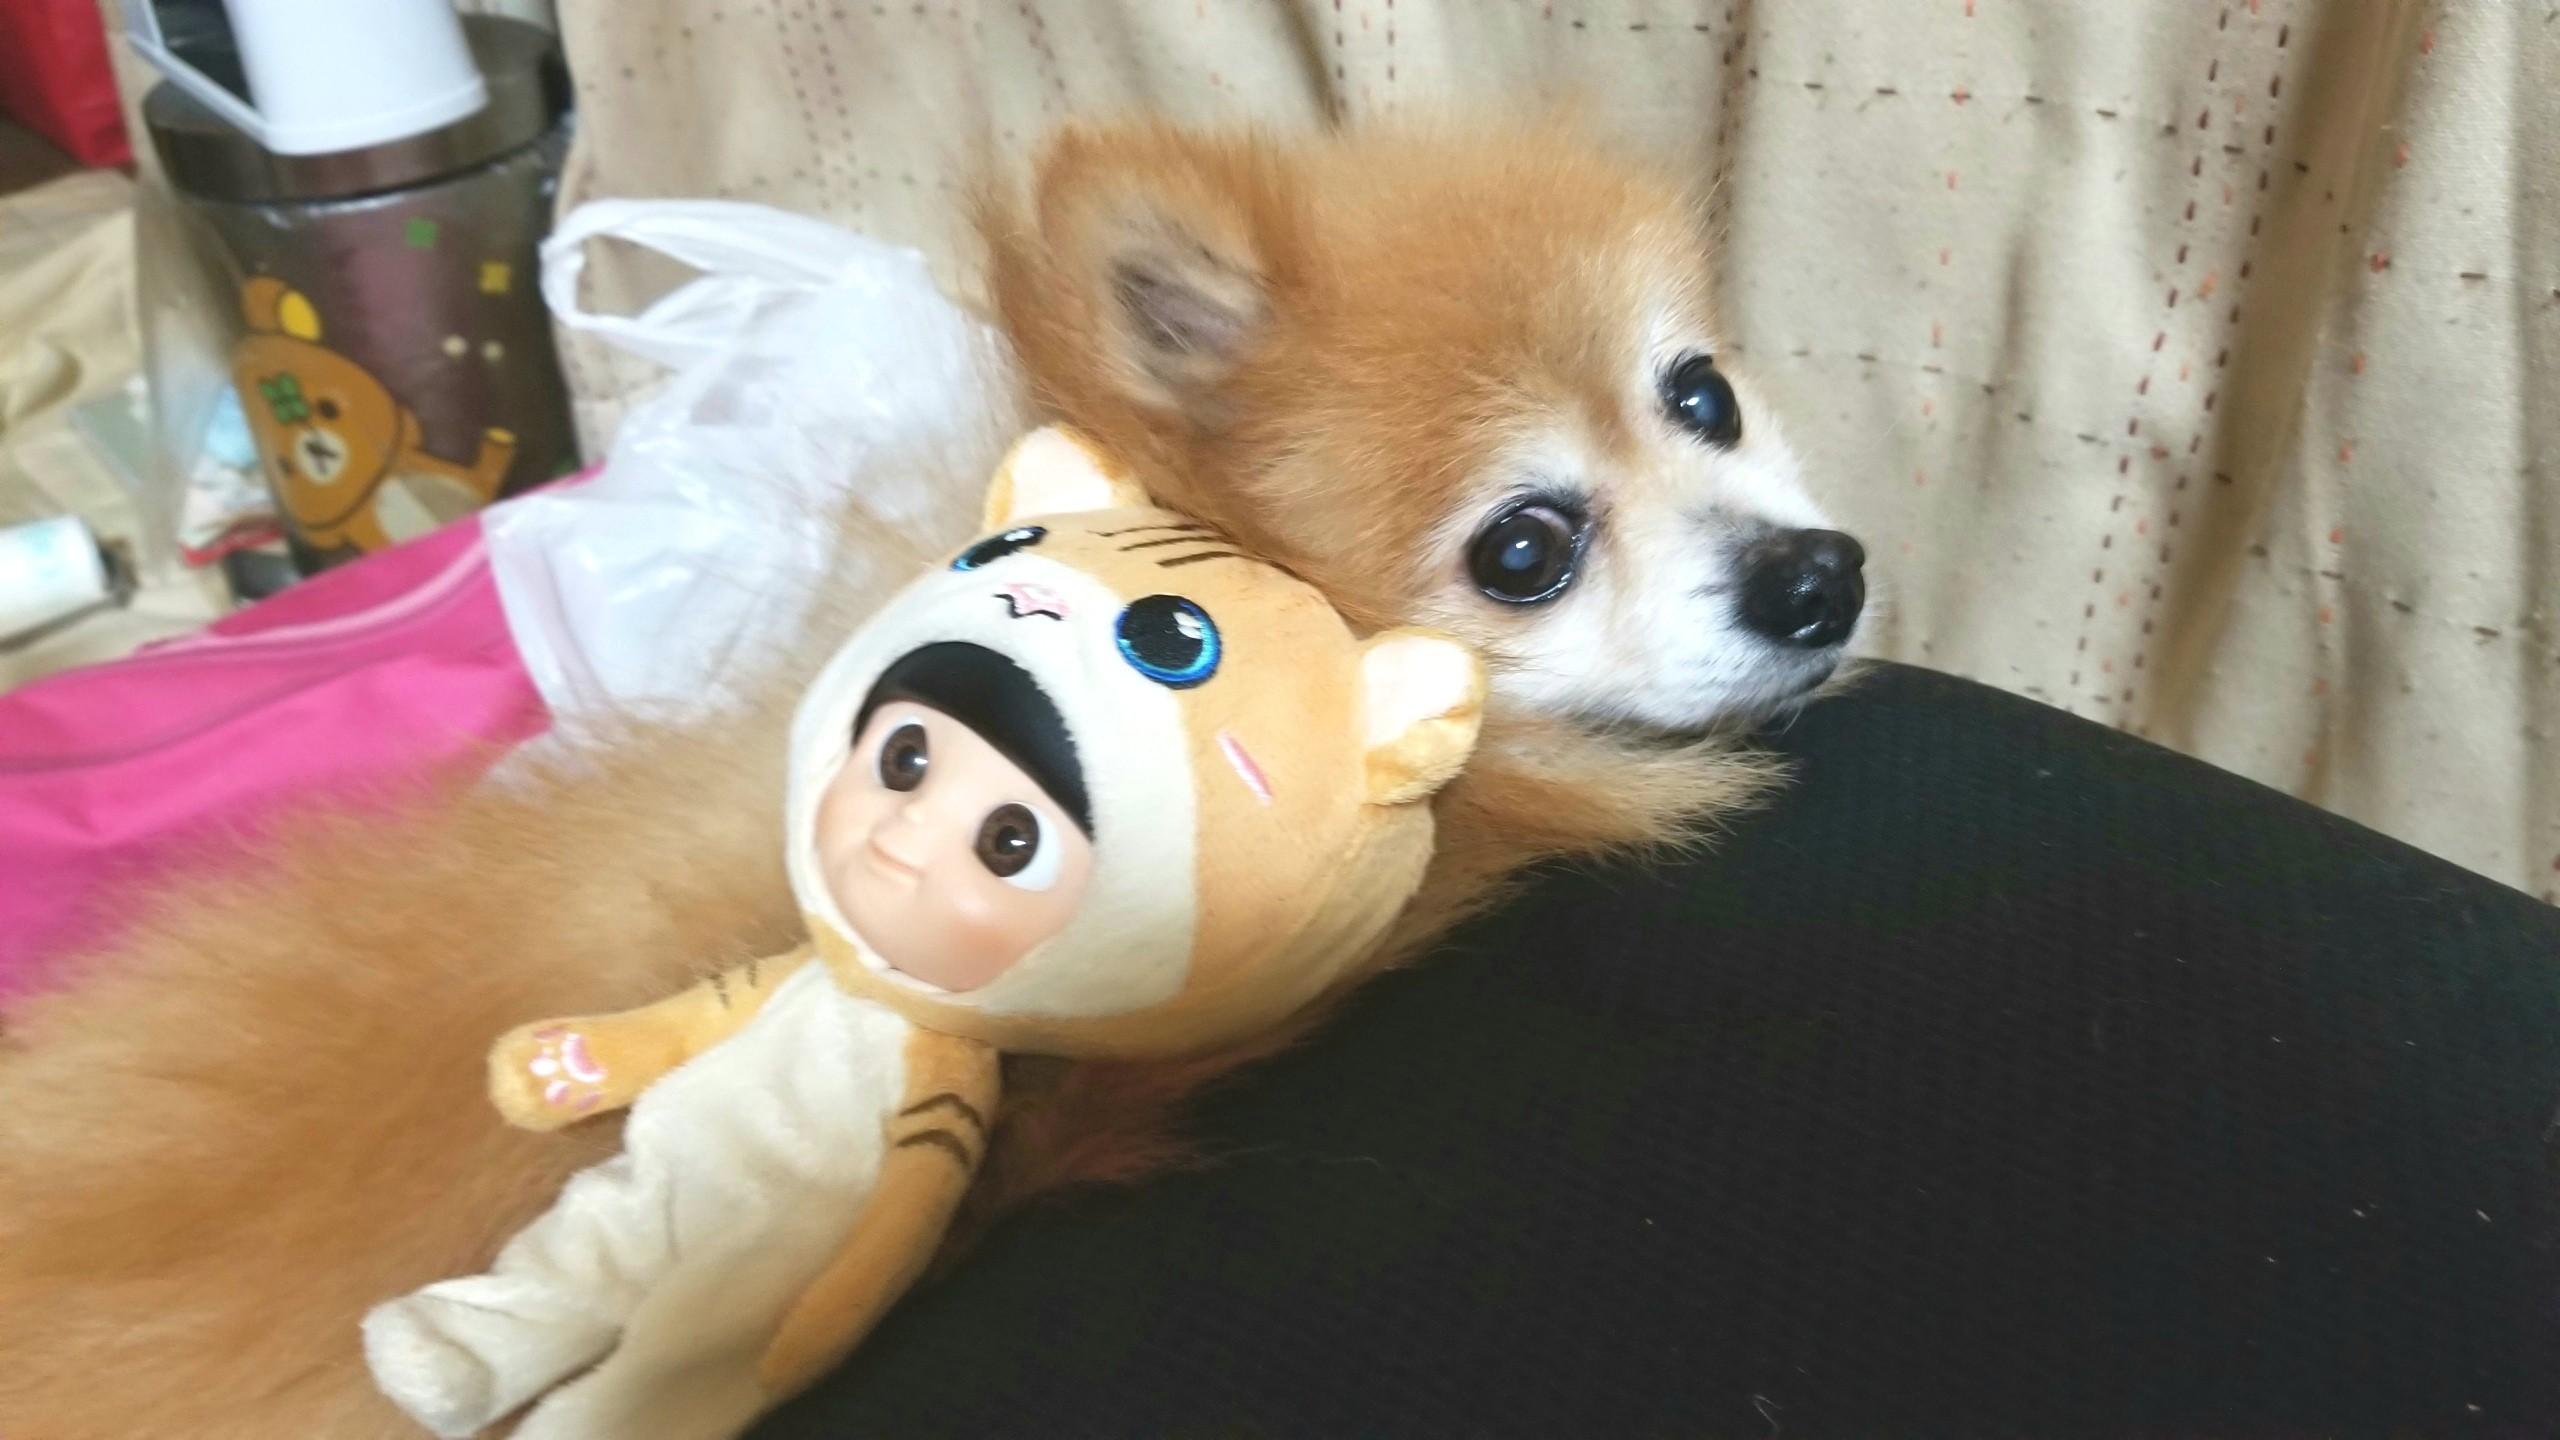 愛犬君といつも仲良し,世界一可愛いポメラニアン,お家でまったり遊ぶ